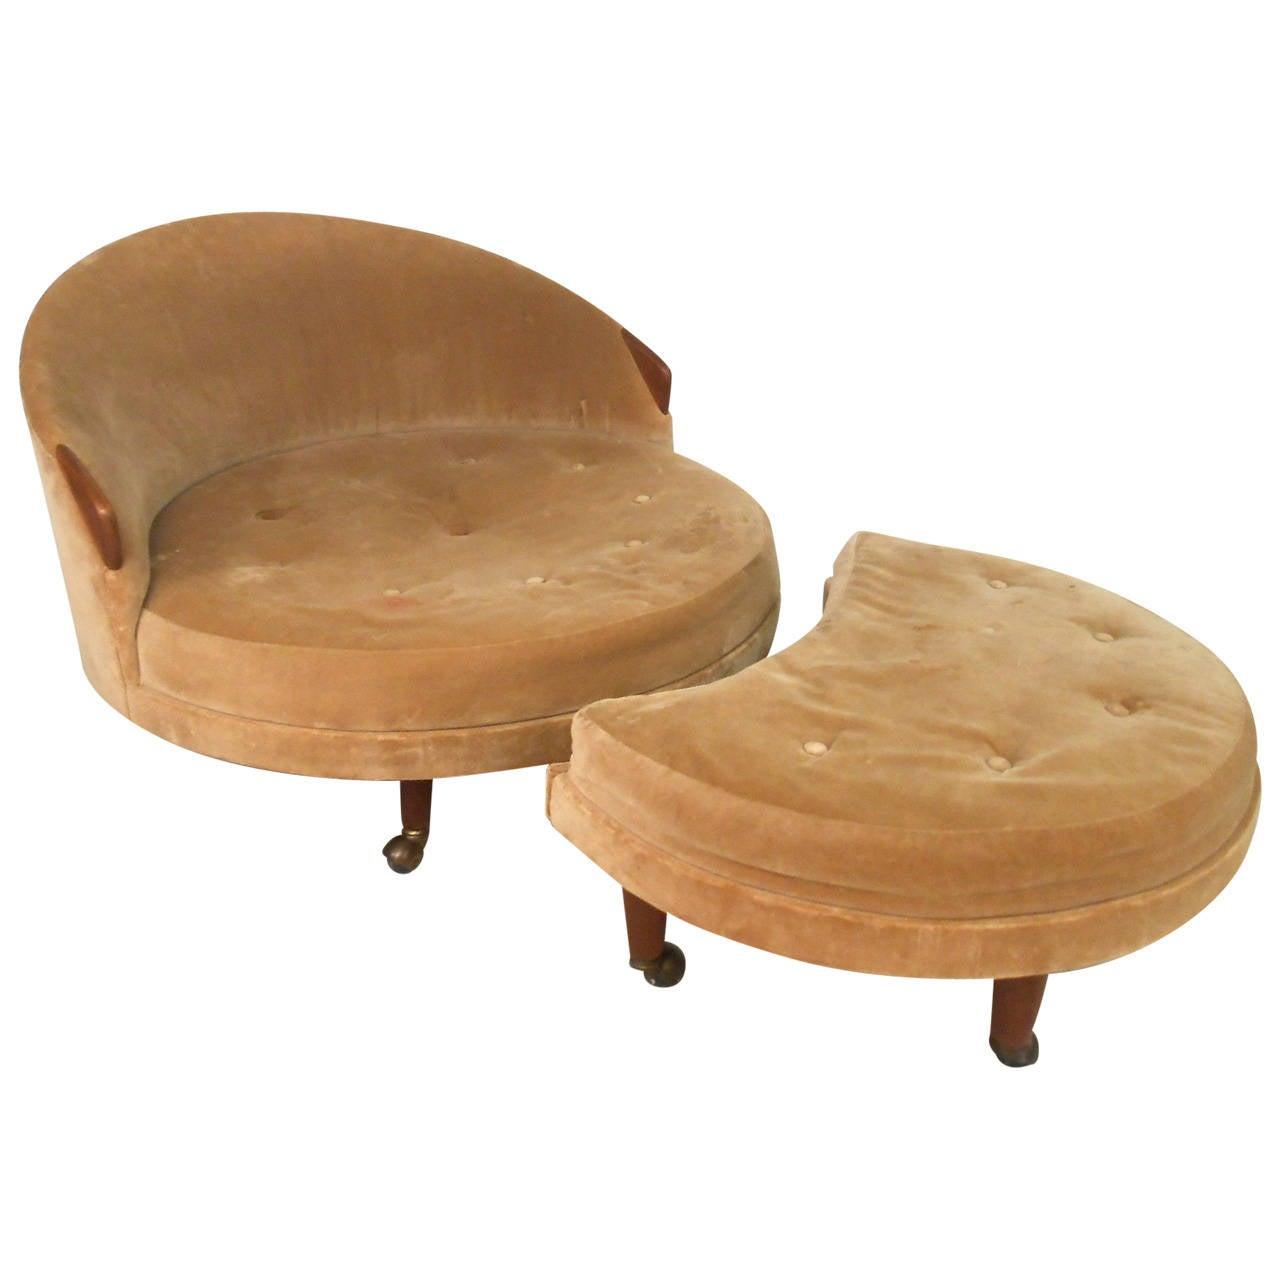 Mid century modern adrian pearsall lounge chair and ottoman at 1stdibs - Mid century modern chair and ottoman ...